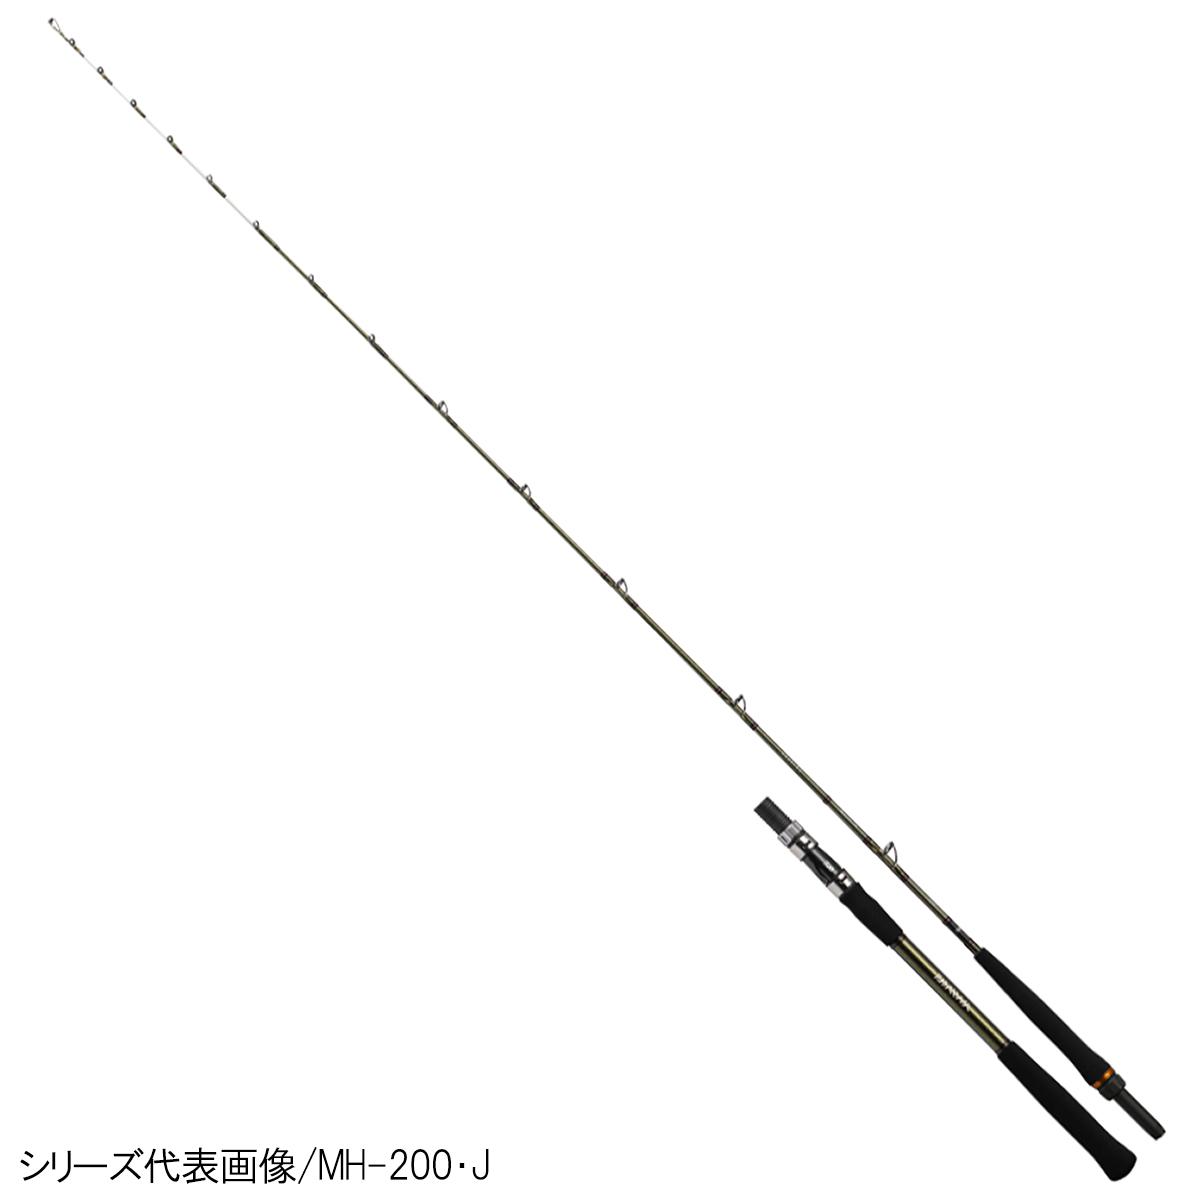 ダイワ リーディング ネライ H-200・J【大型商品】(東日本店)